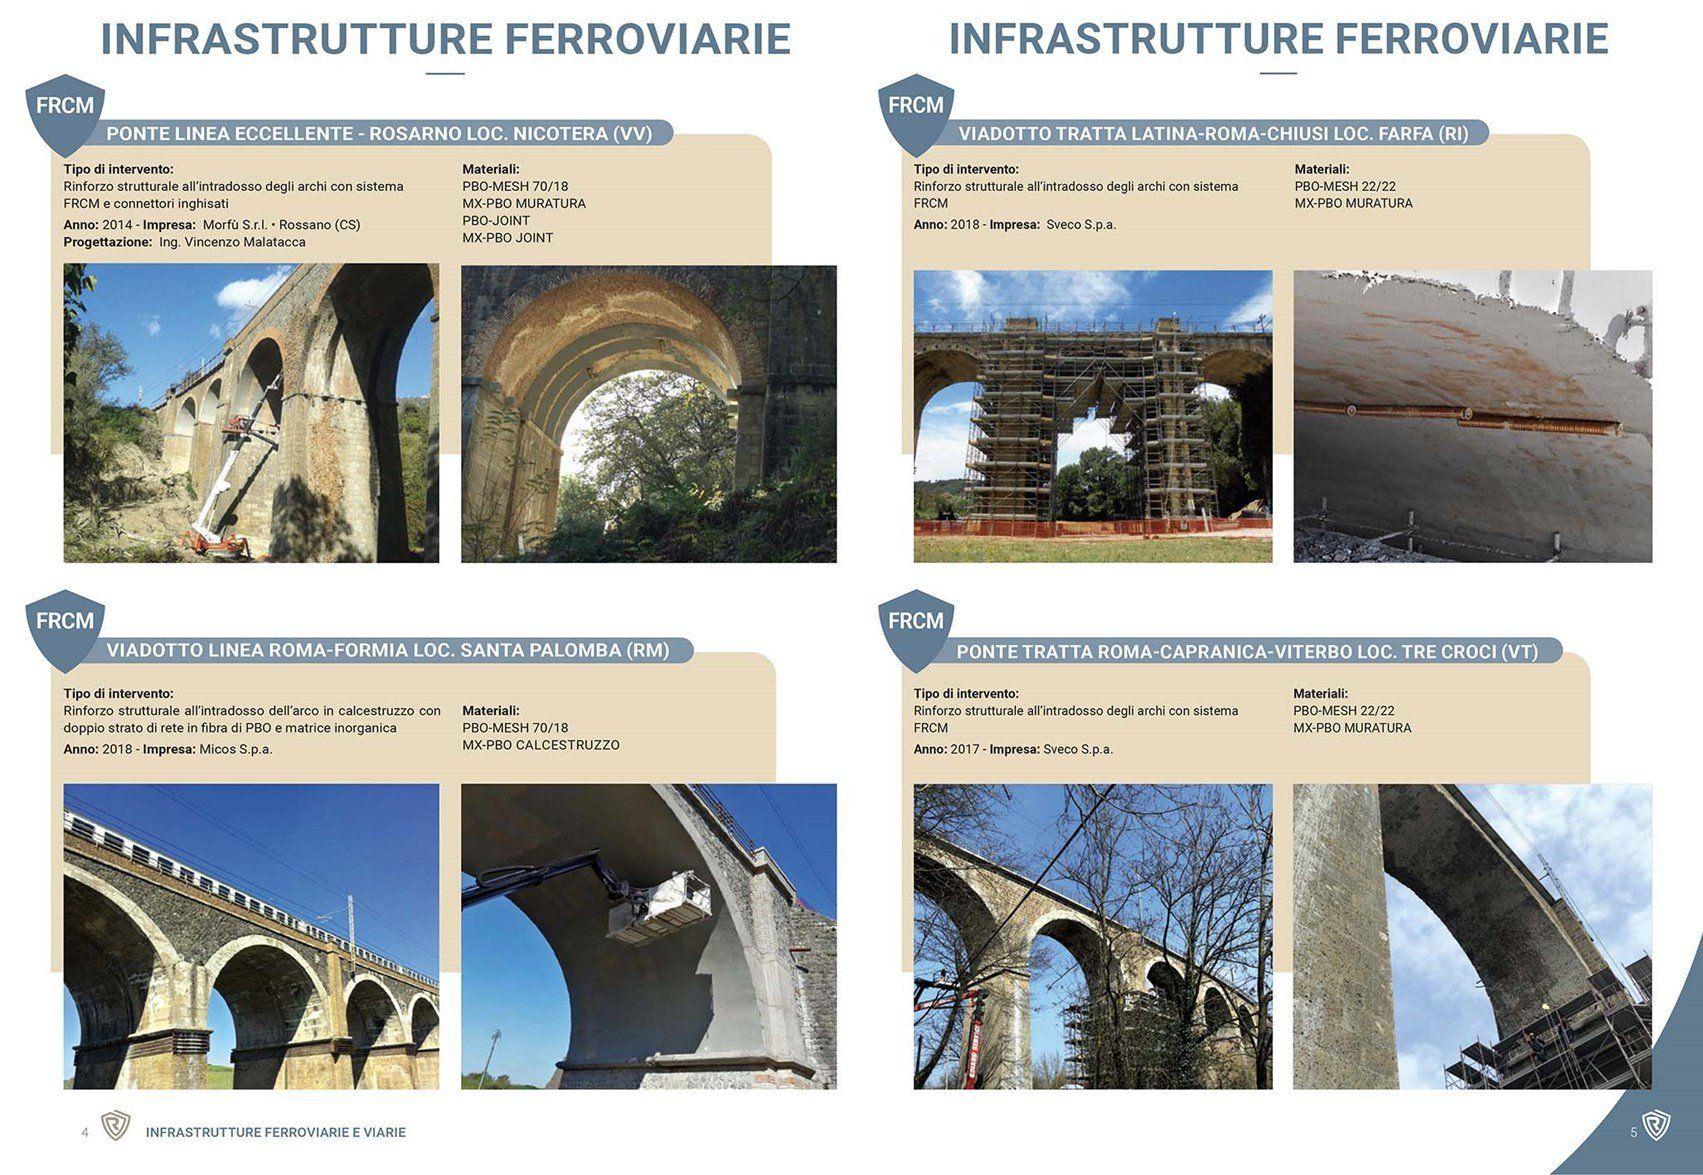 Infrastrutture ferroviarie e stradali: le soluzioni Ruregold per il rinforzo strutturale